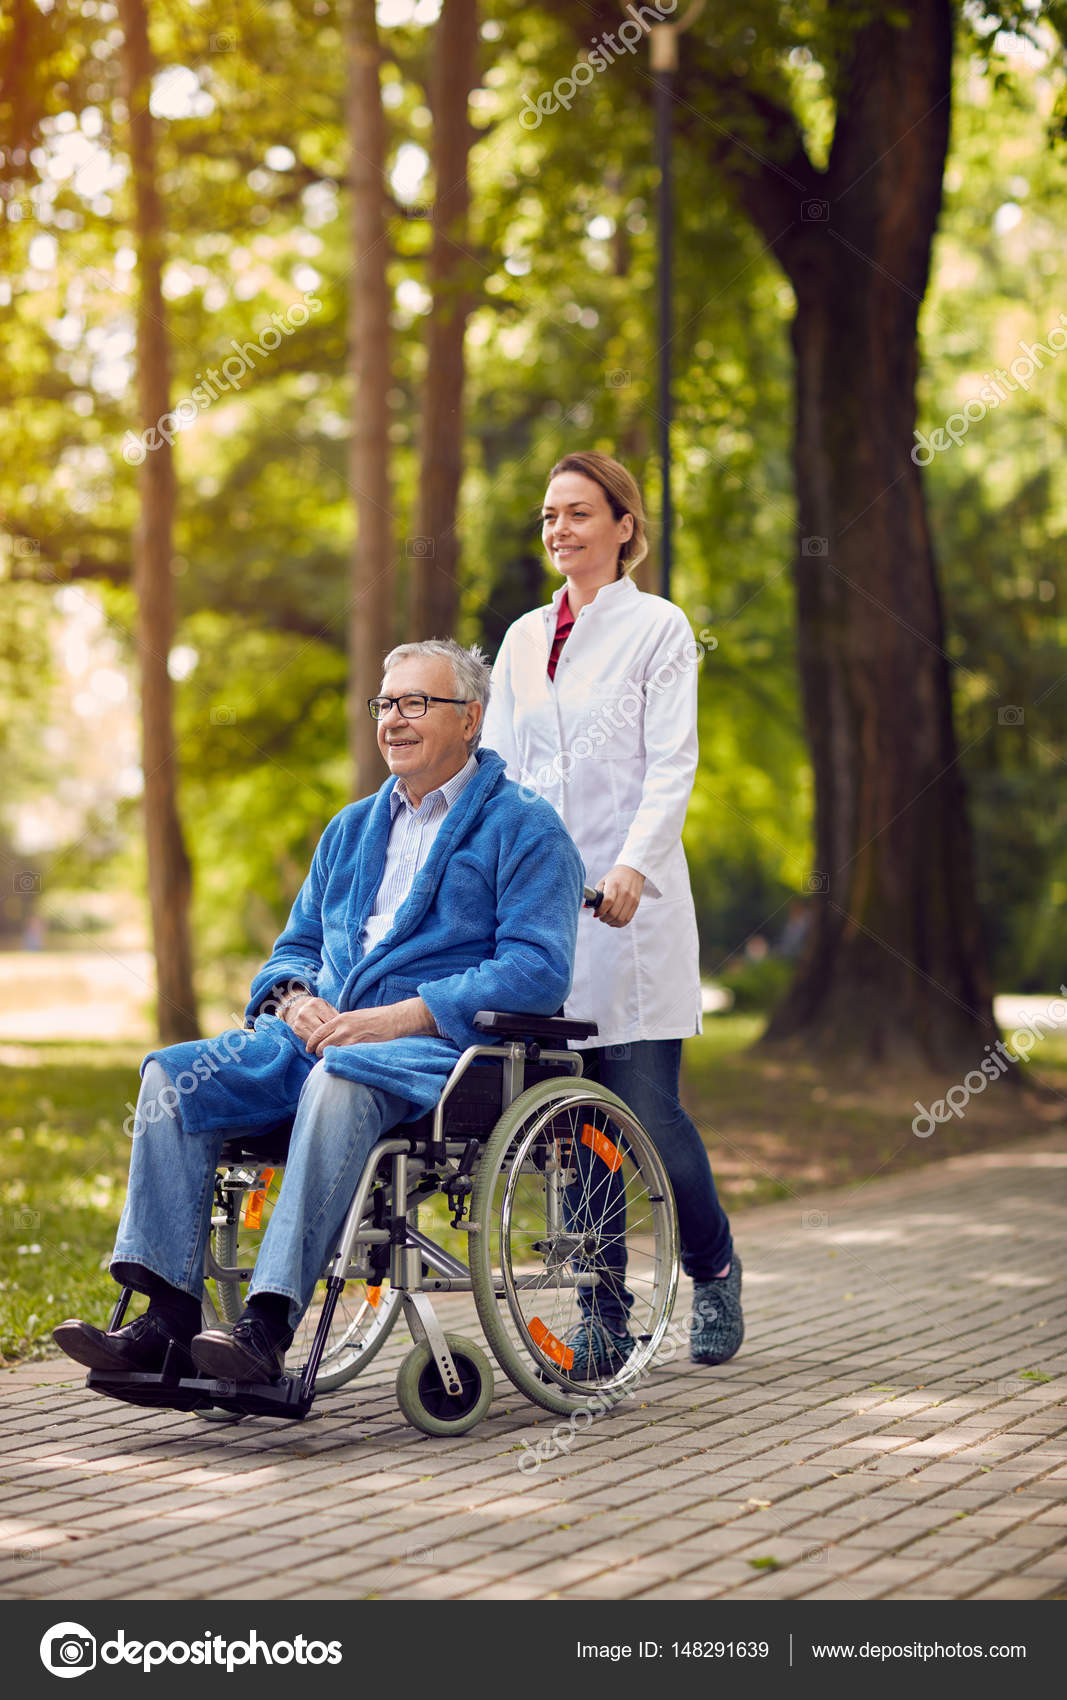 frågor om Dating en äldre man